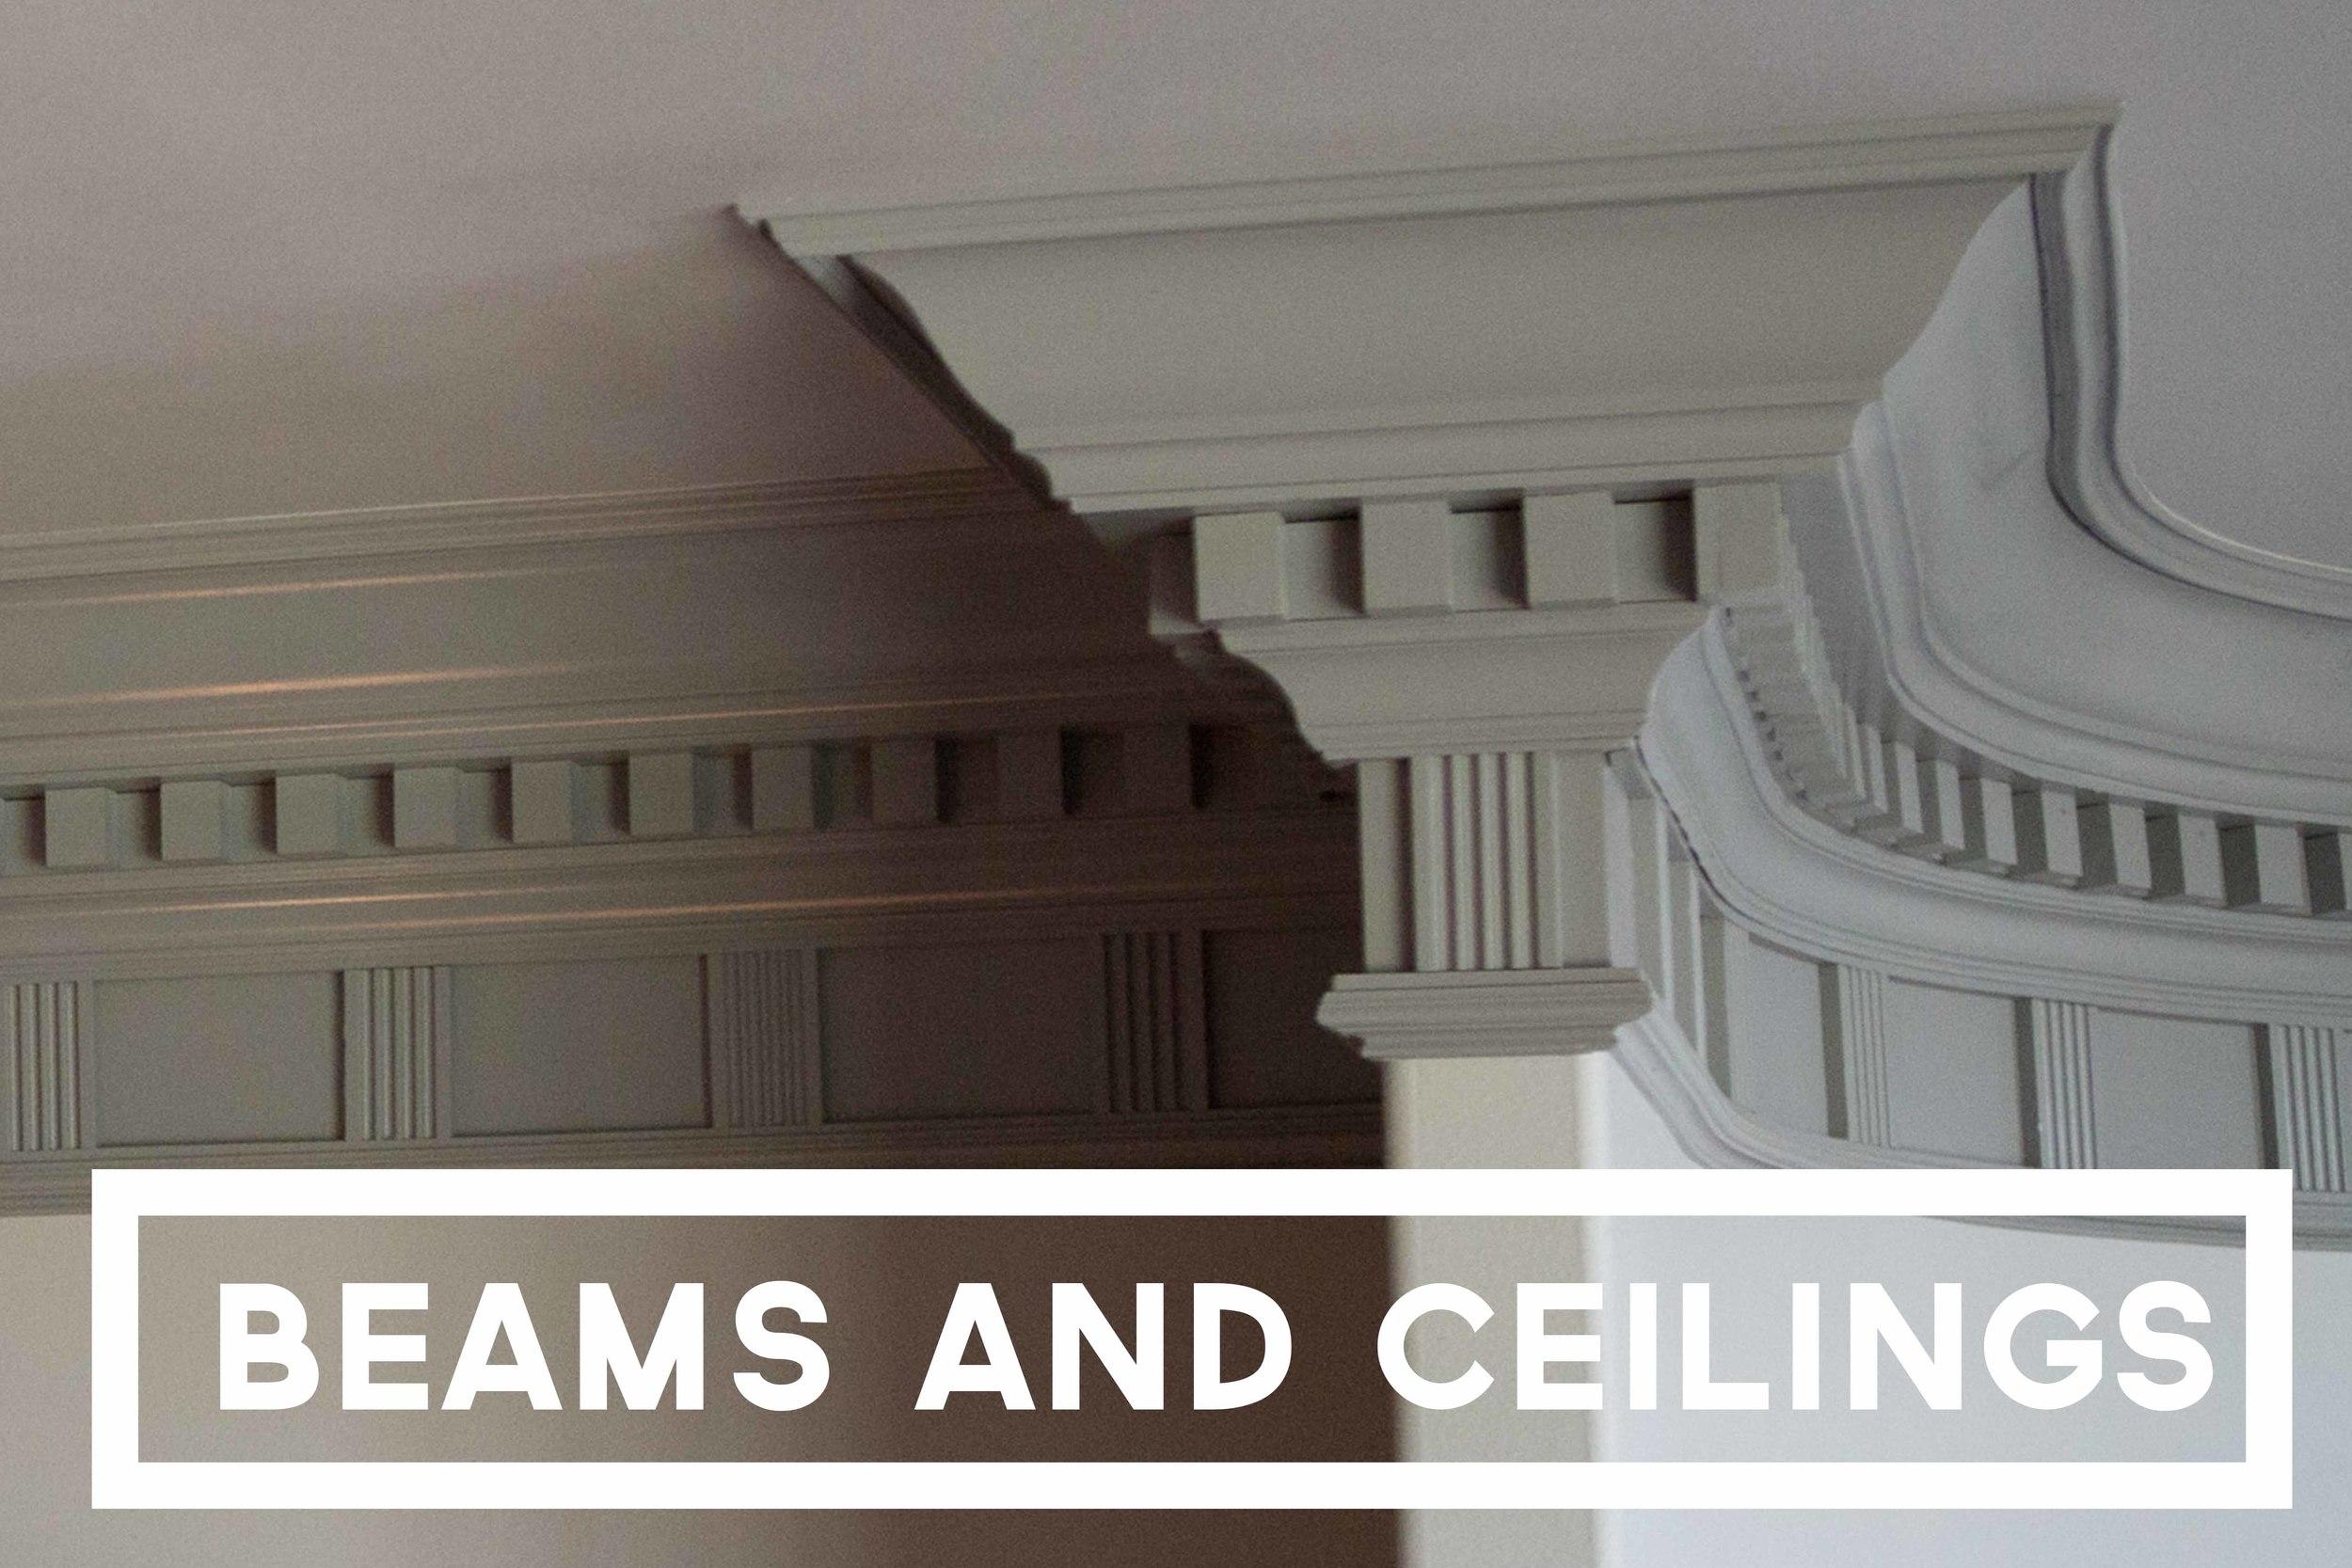 Beams and Ceilings